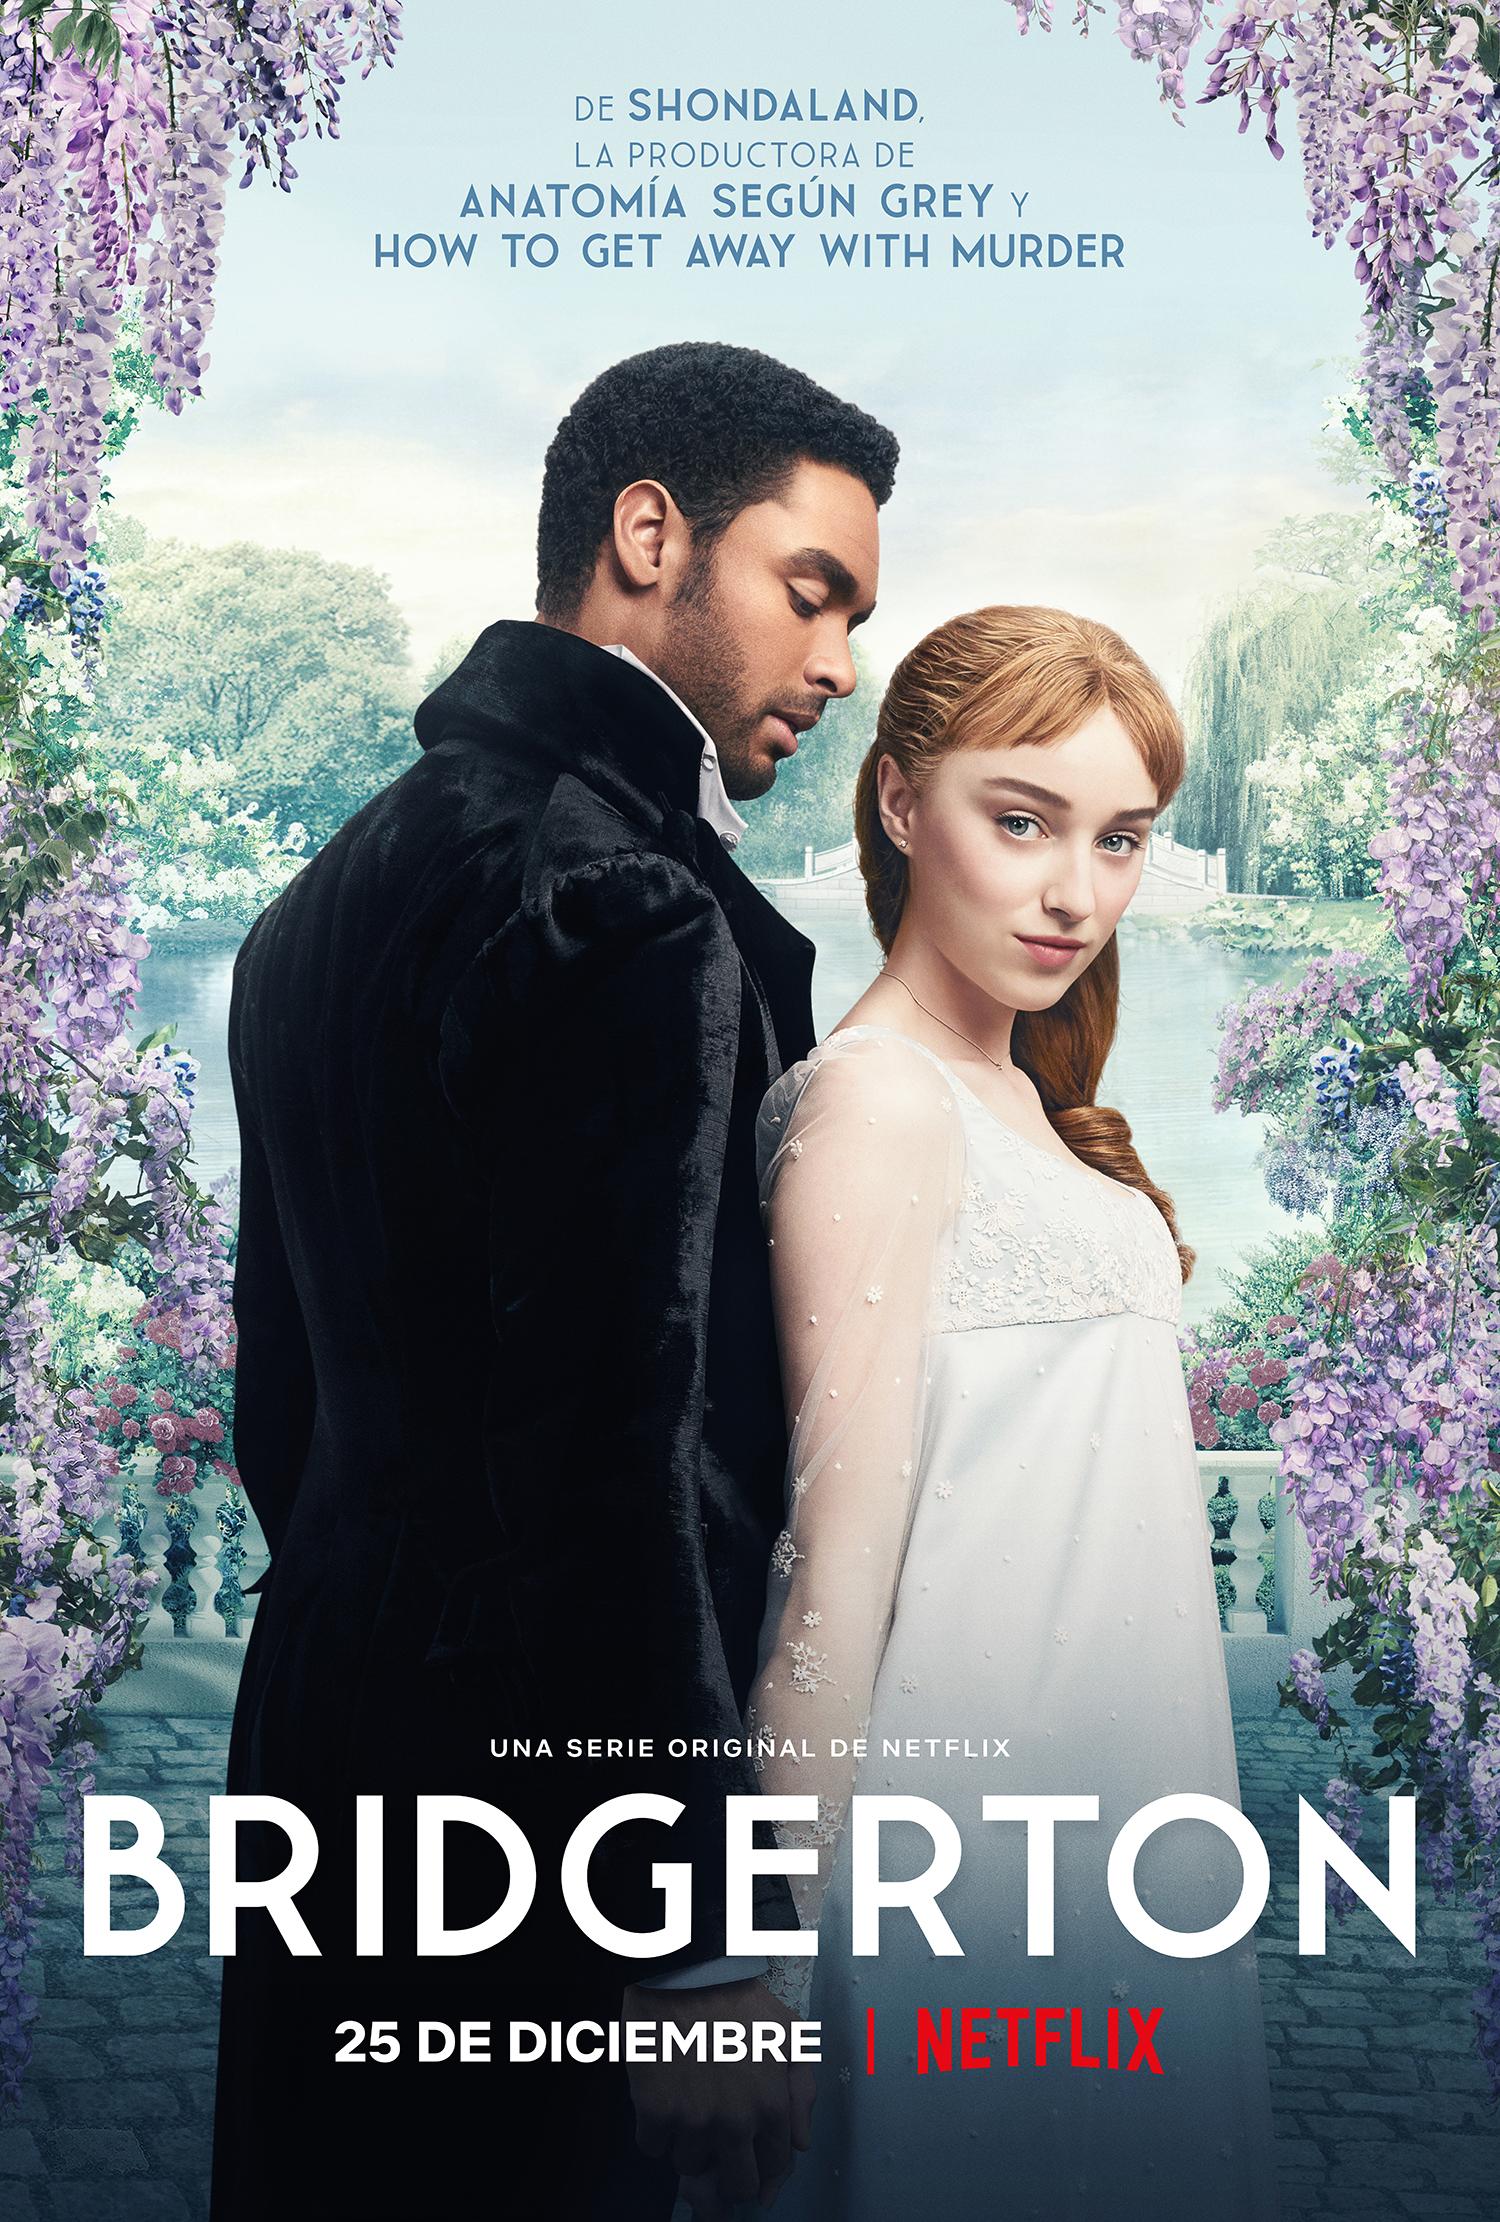 Bridgerton: Avance extendido y nuevas imágenes del drama de época producido por Shonda Rhimes